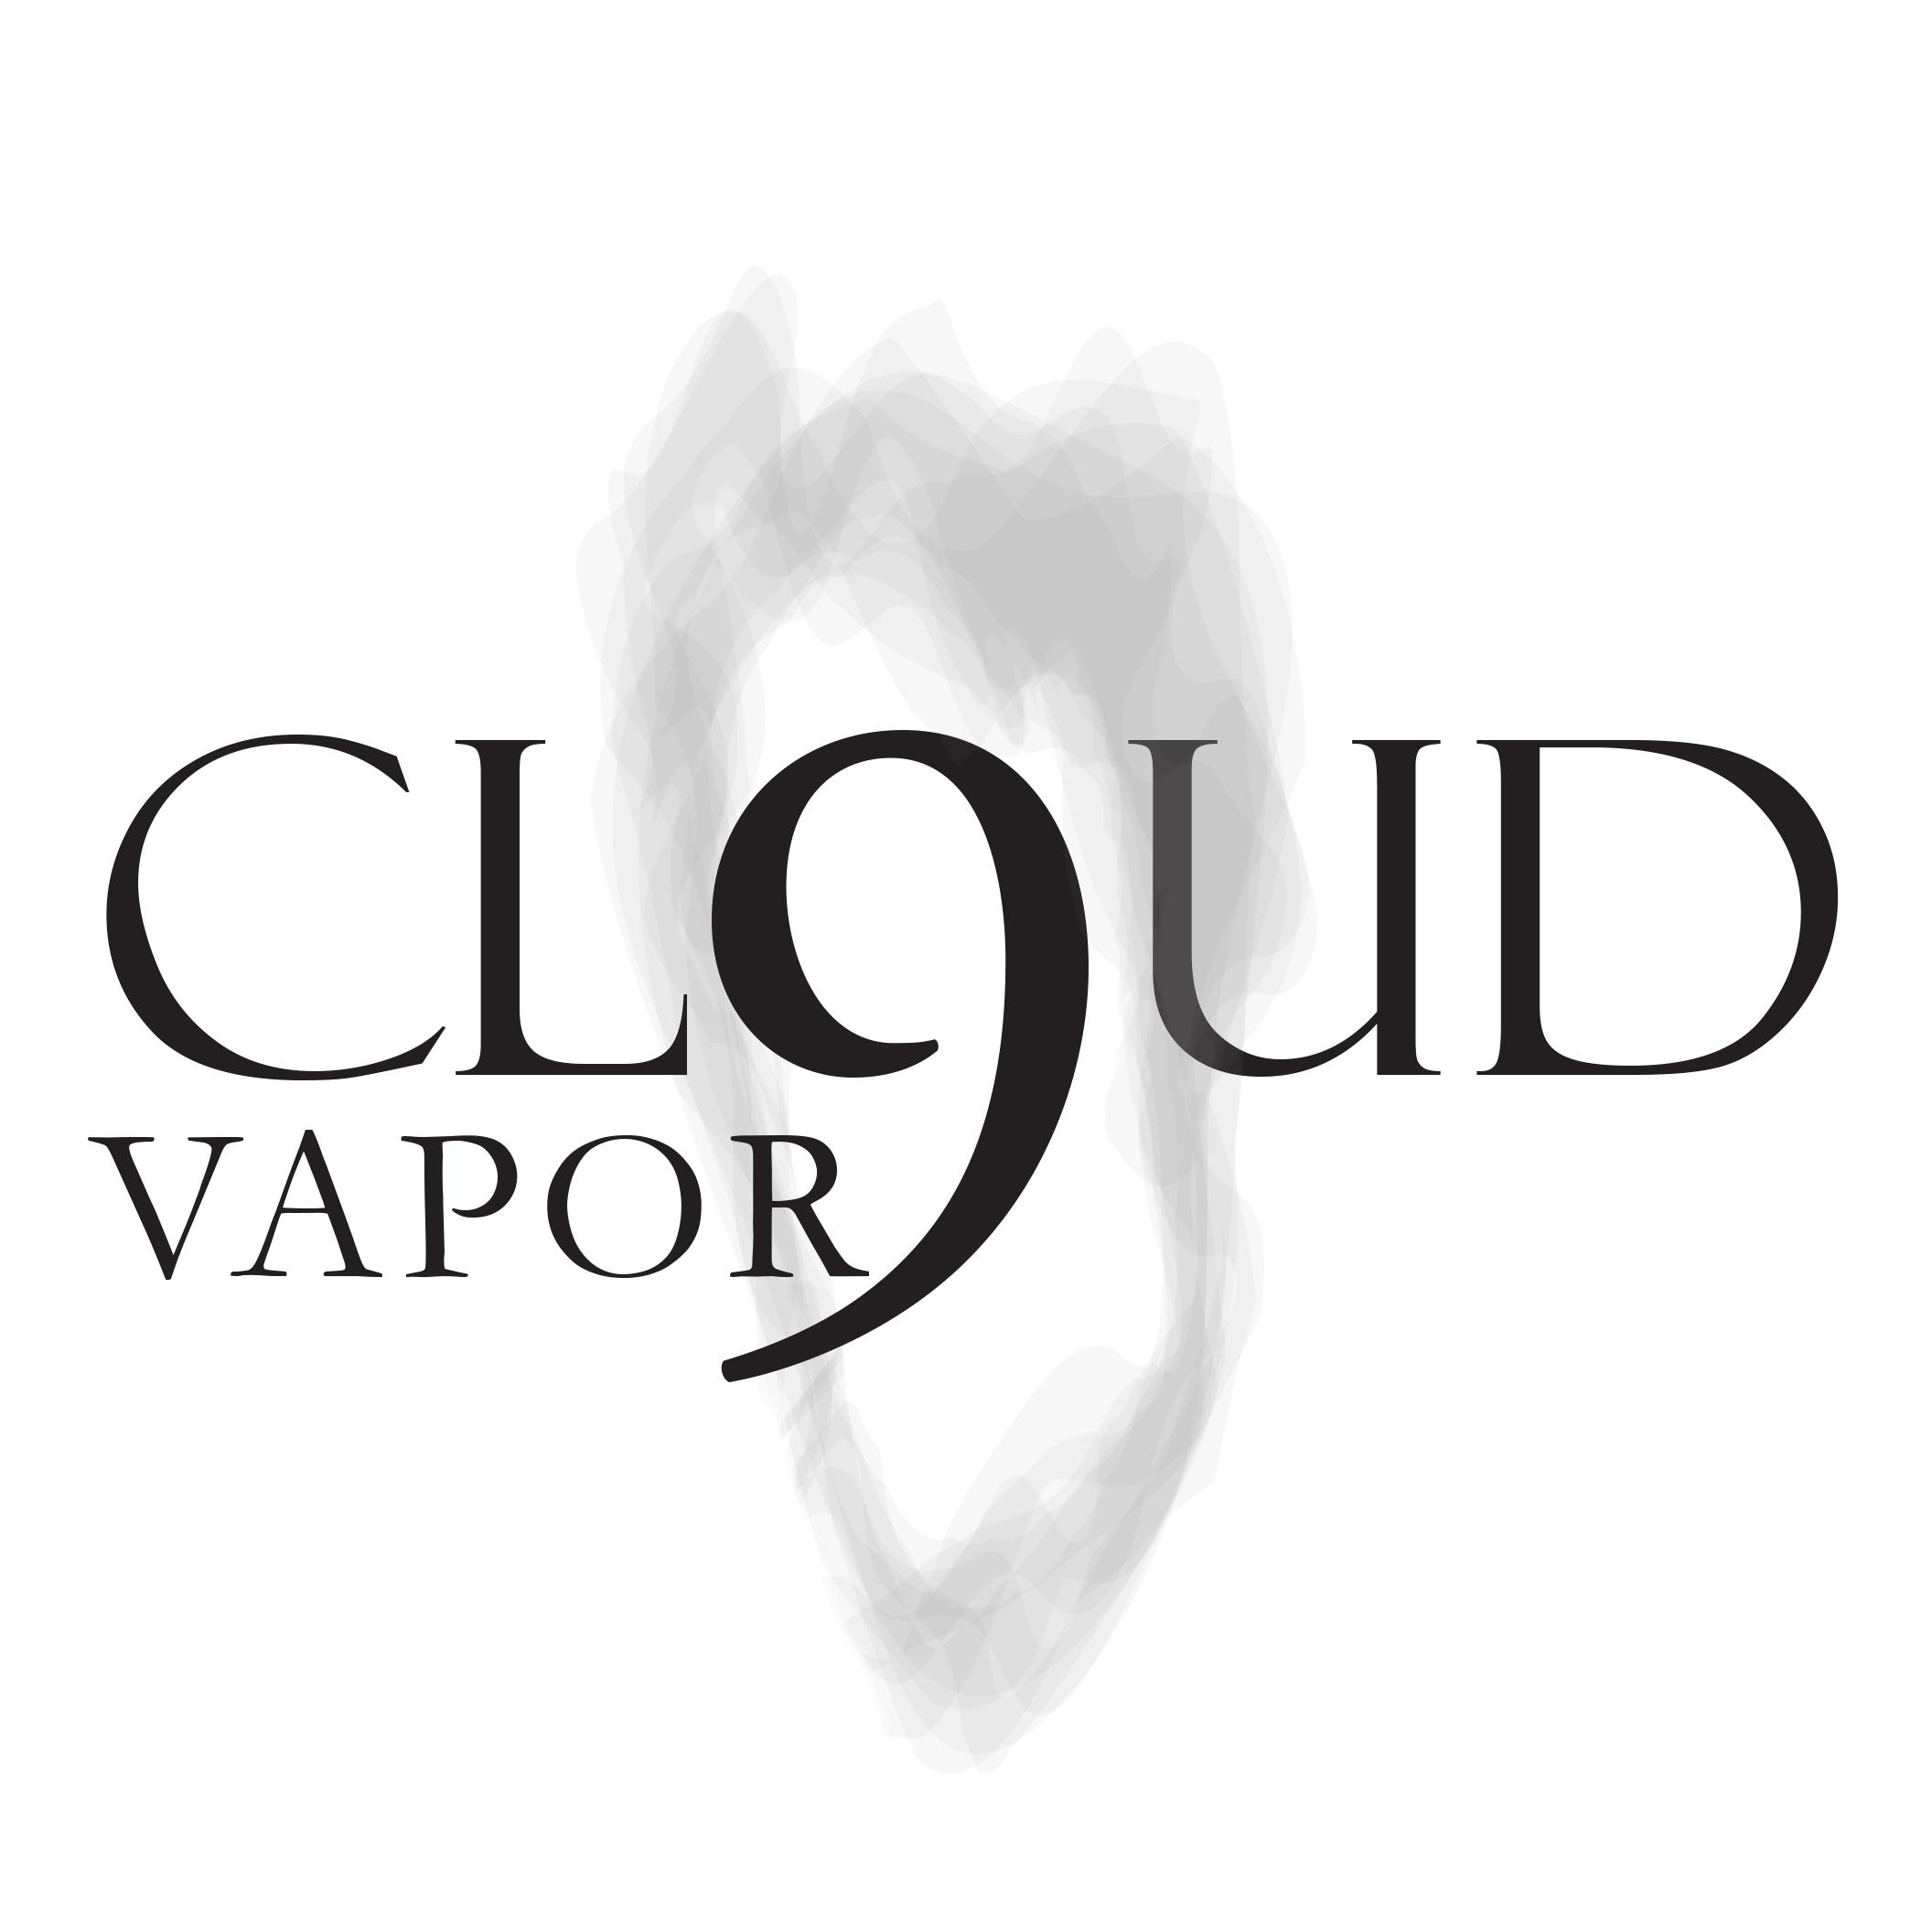 Cloud 9 Vapor